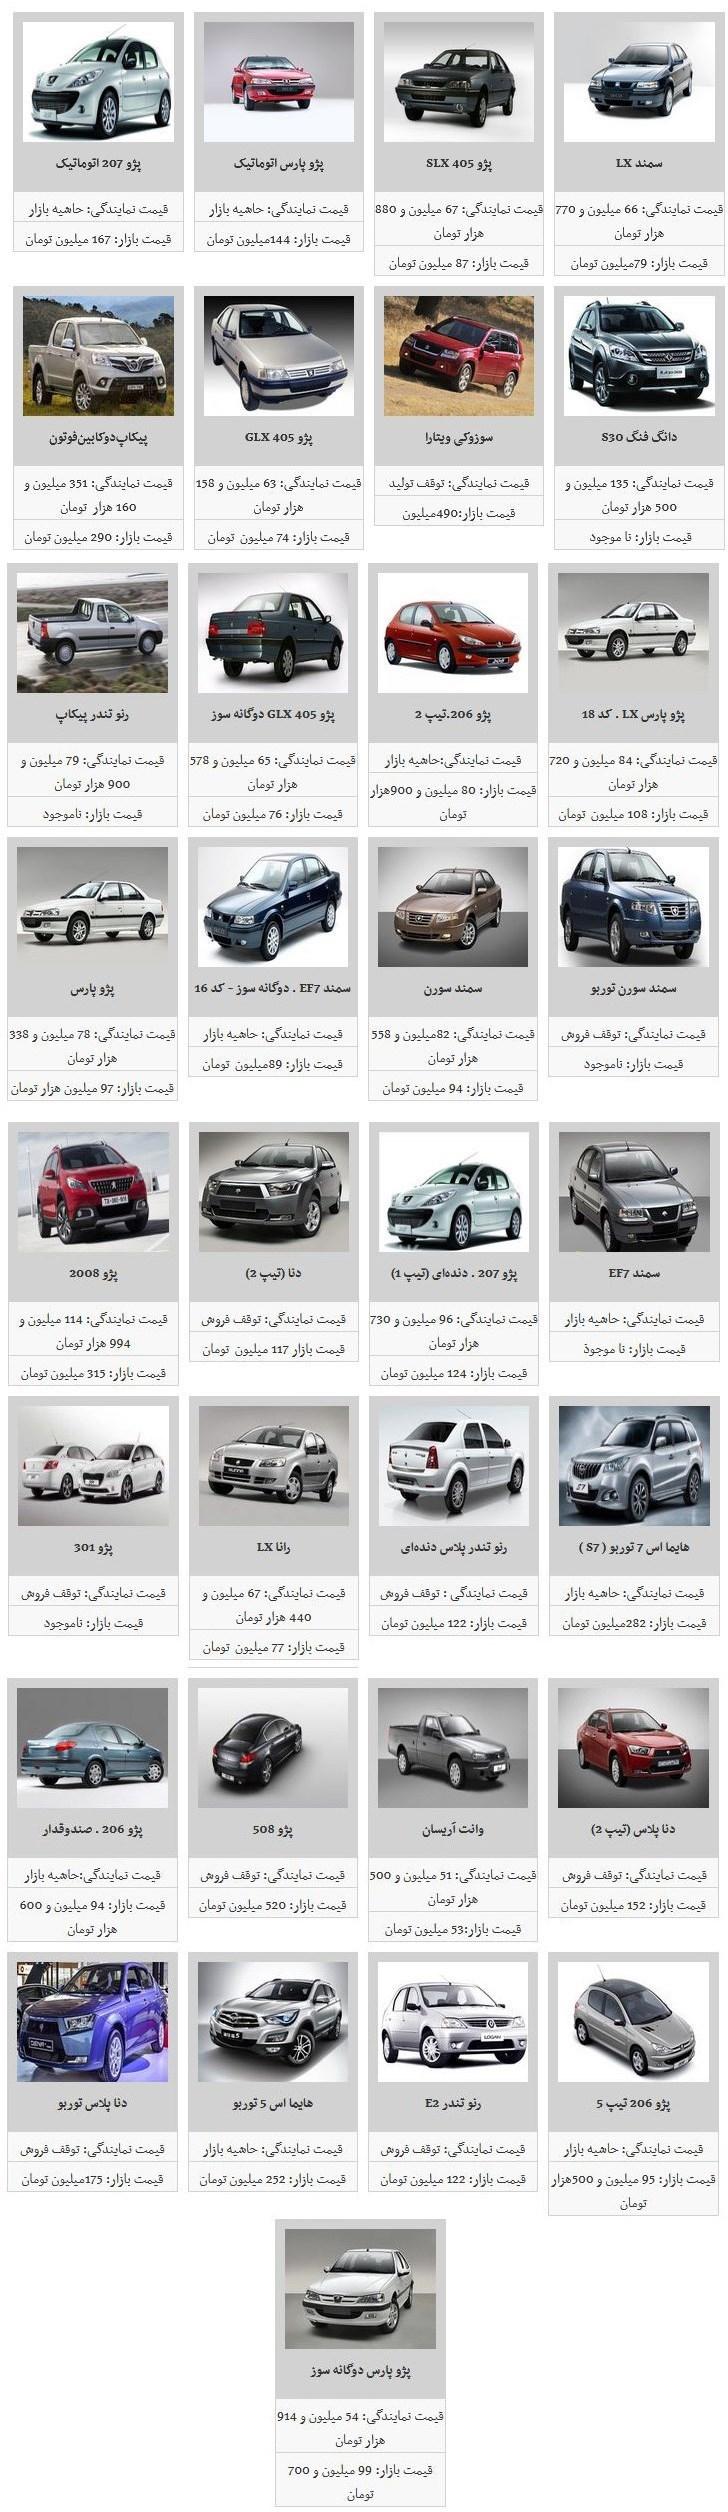 قیمت محصولات <a href='https://www.khodrobank.com/ایران-خودرو'>ایران خودرو</a> بار دیگر نزولی شد